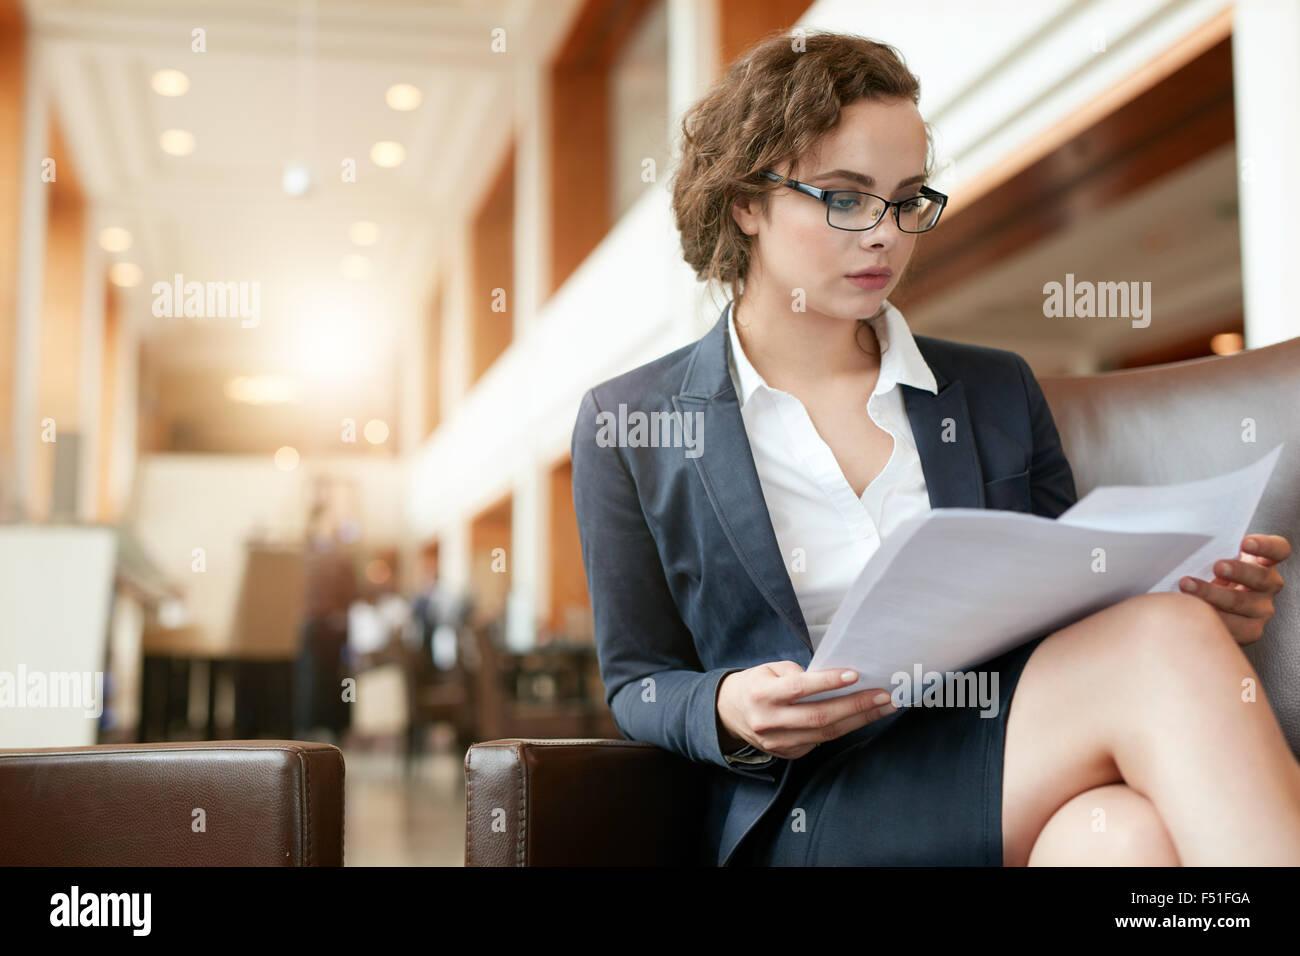 Portrait of businesswoman reading document. Professionnel des femmes dans le hall de l'examen de documents. Photo Stock